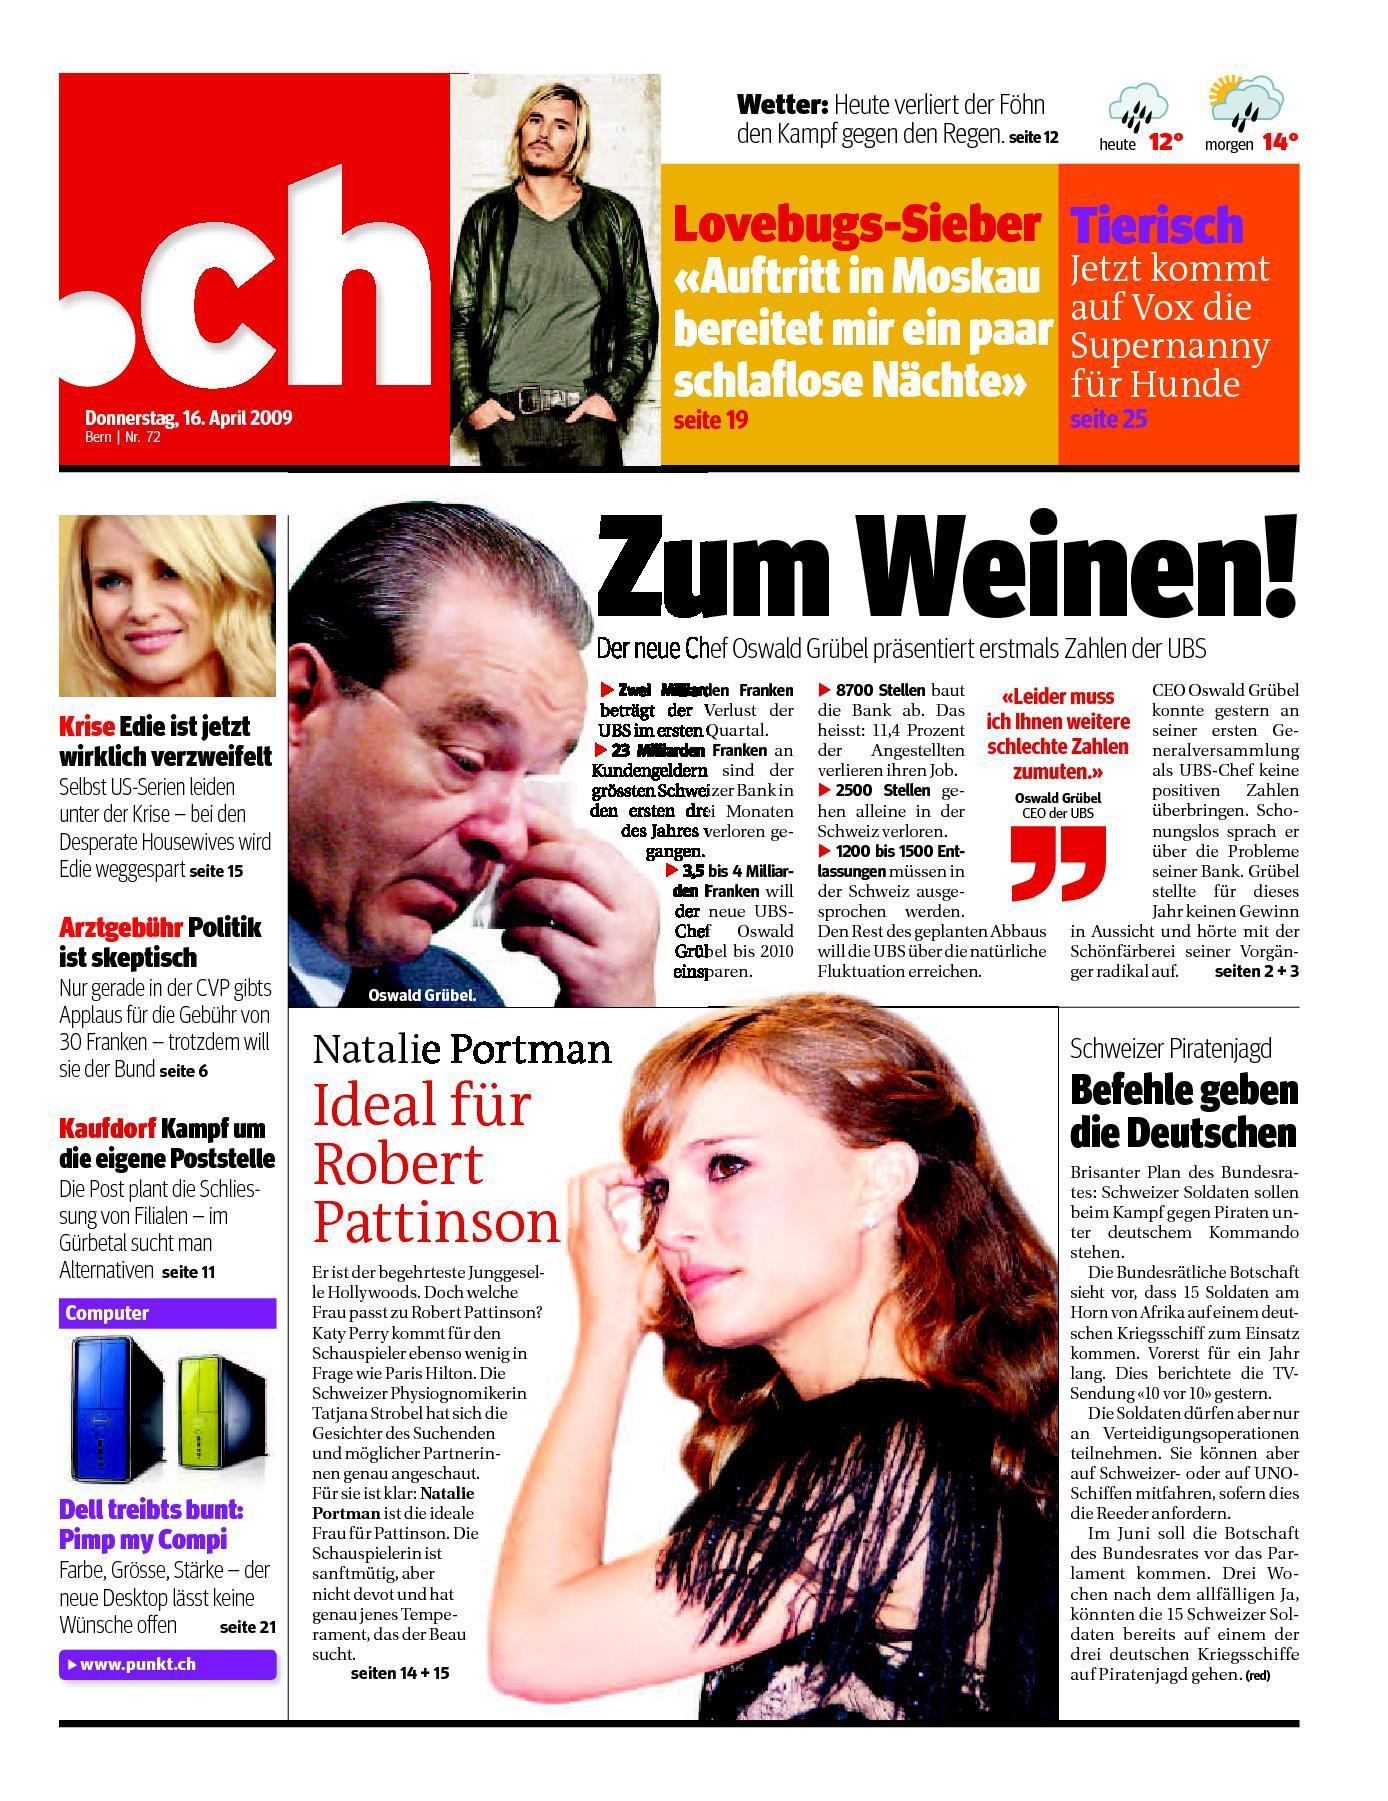 Er Sucht Ihn Berlin Sex Neuchâtel